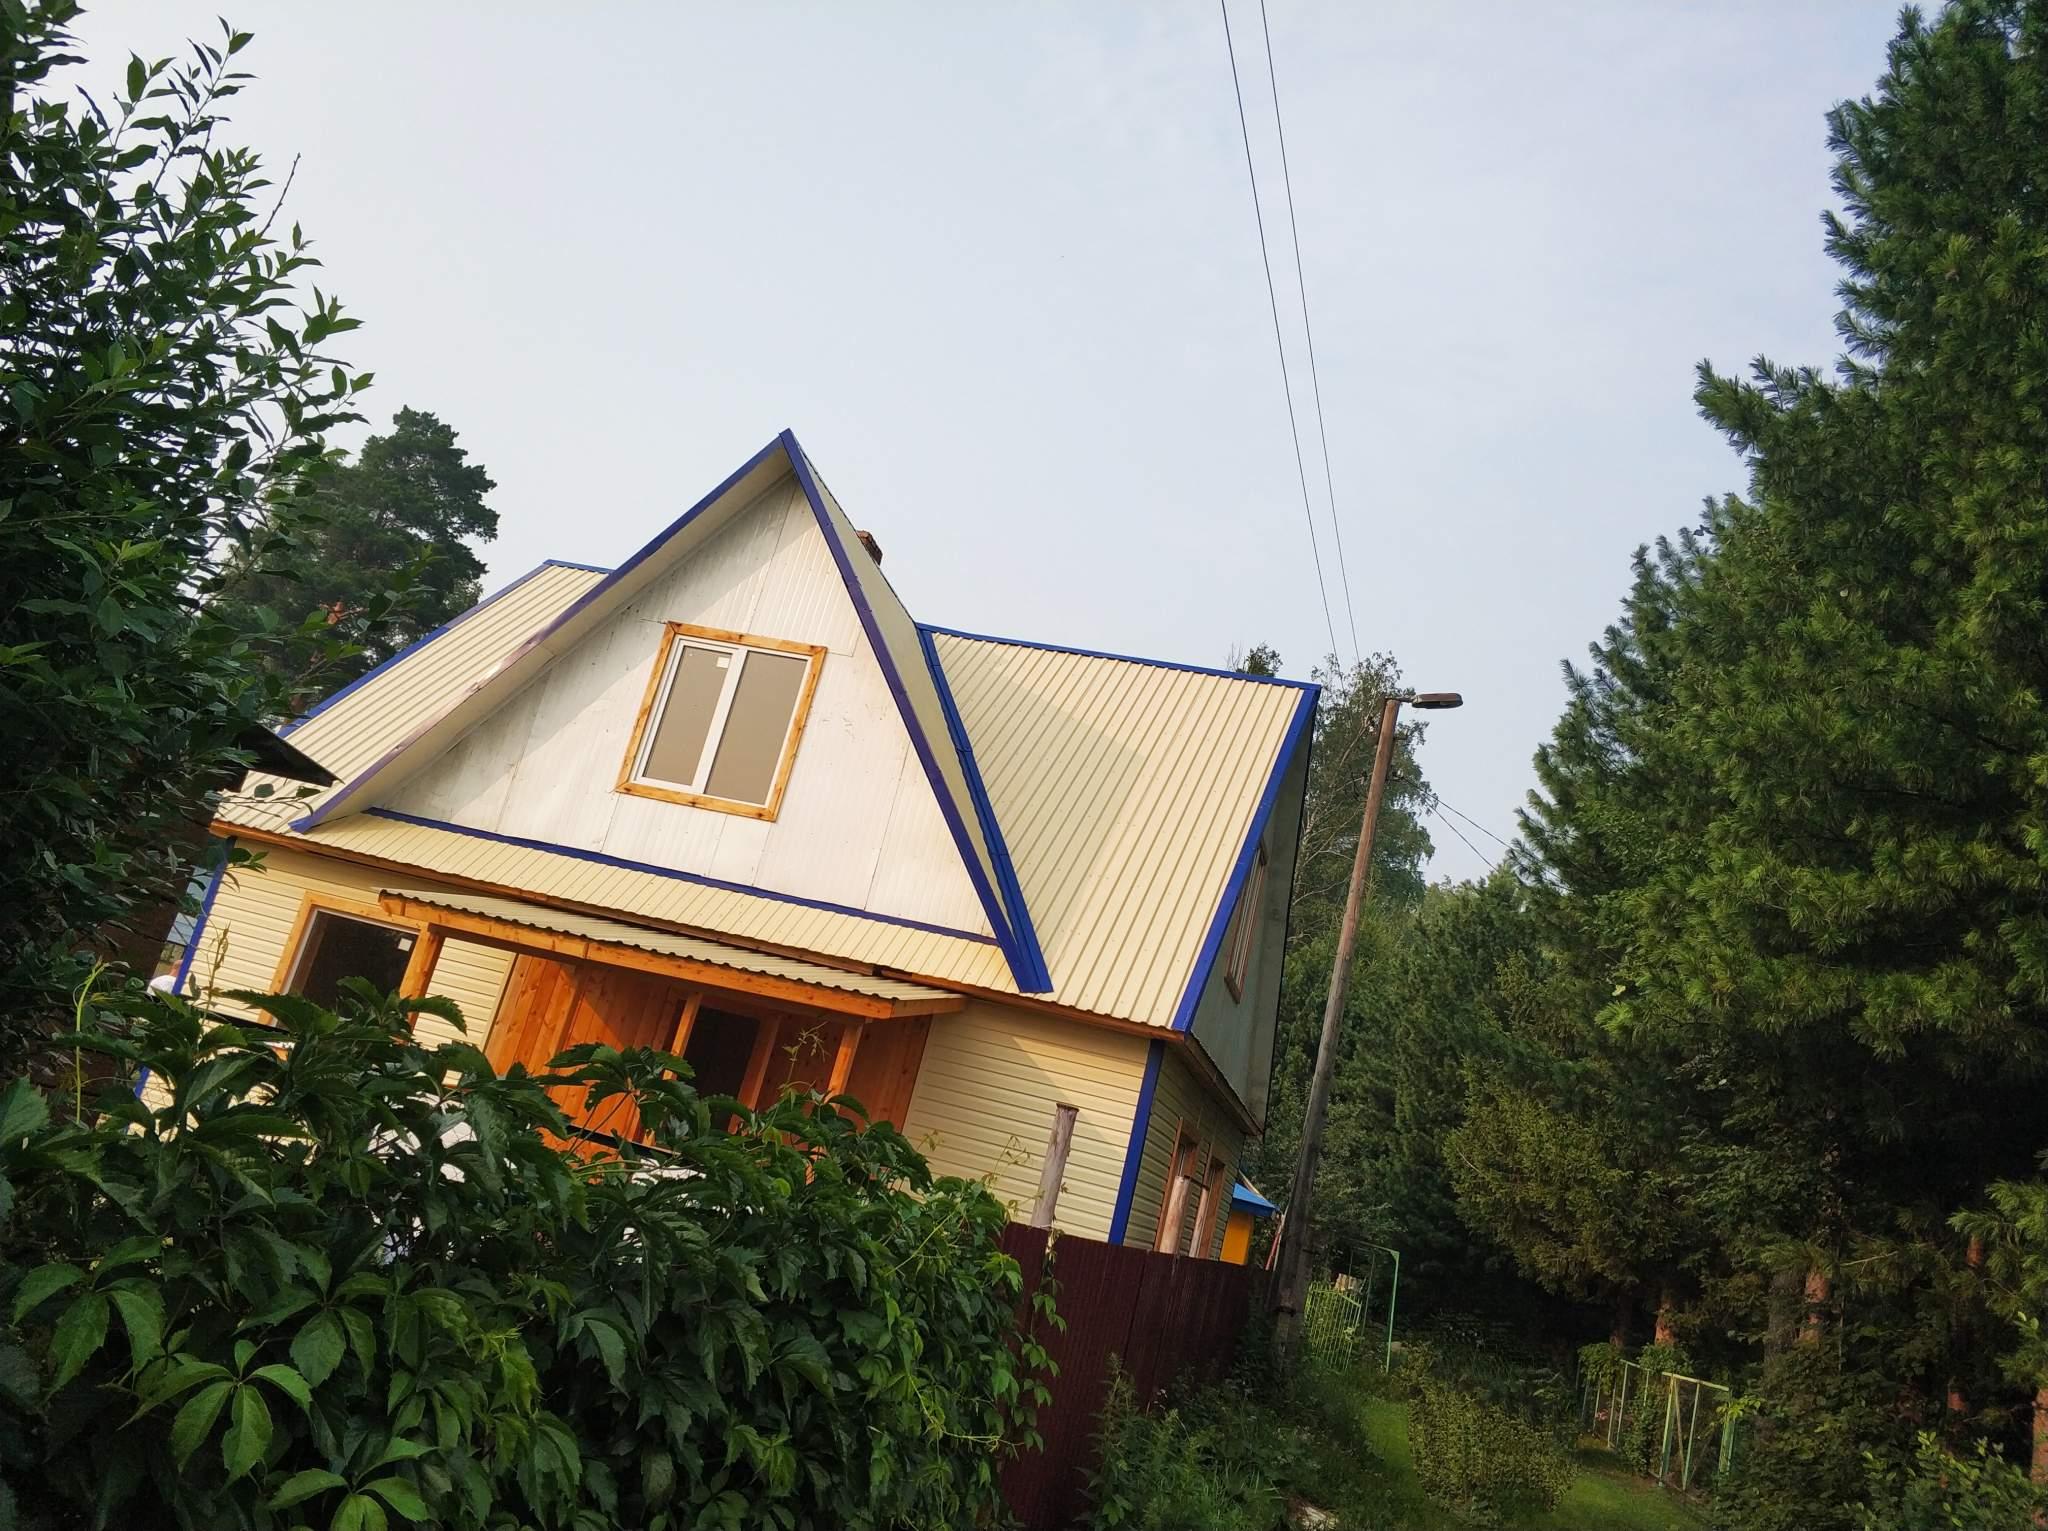 Дом на продажу по адресу Россия, Новосибирская обл, Новосибирский р-н, Новосибирский район, Лесоустроитель территория снт, 78